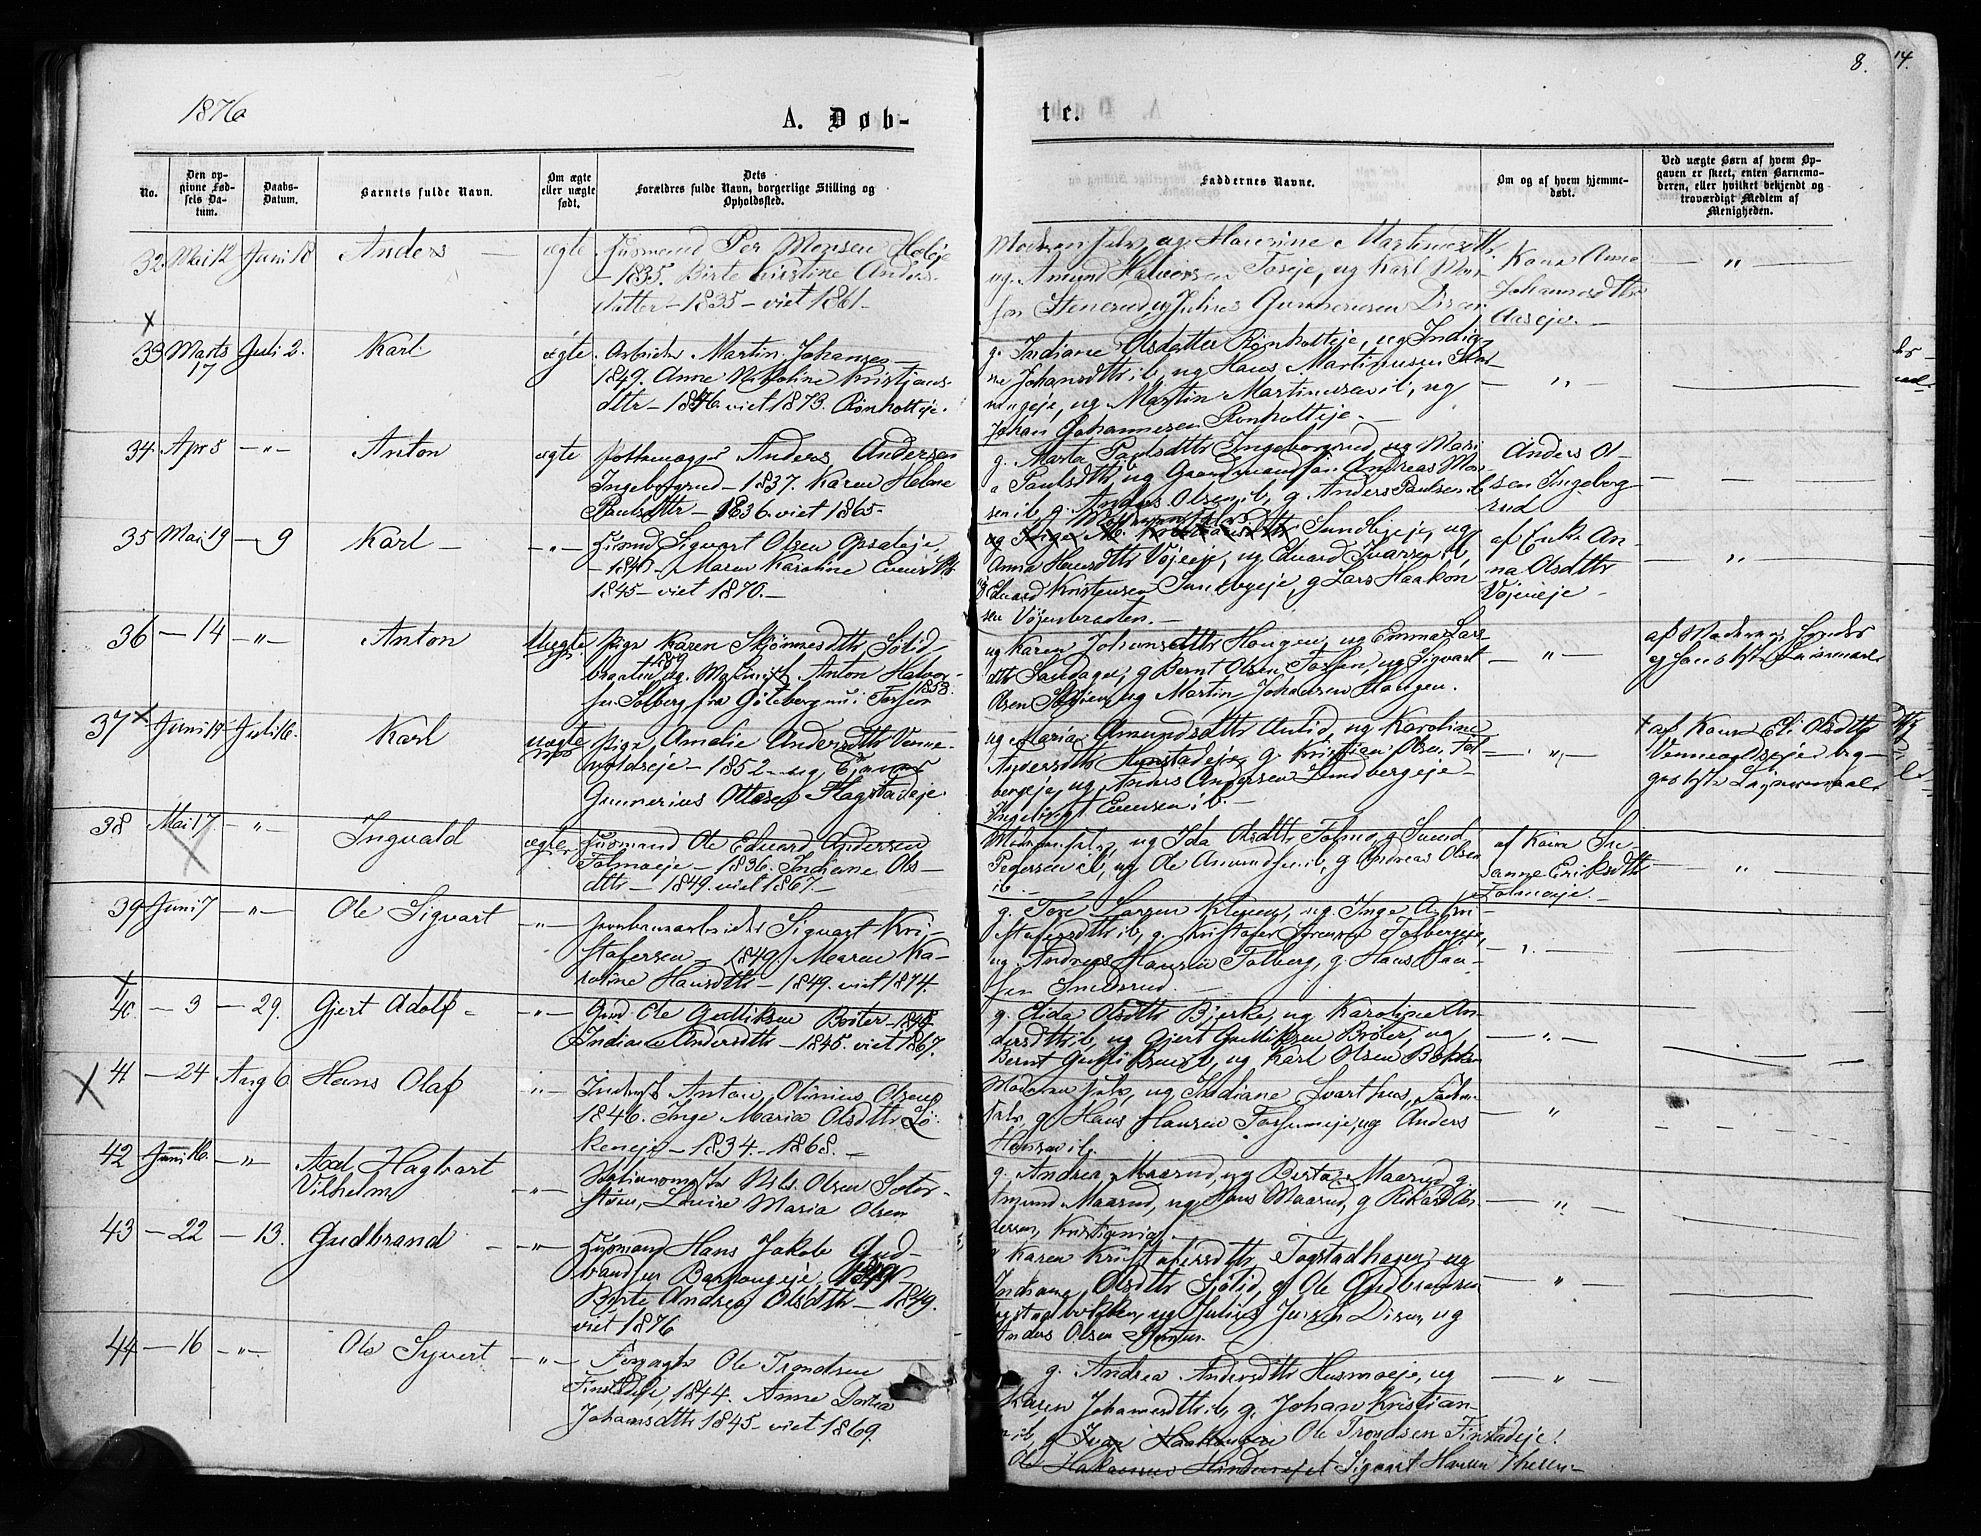 SAO, Nes prestekontor Kirkebøker, F/Fa/L0009: Ministerialbok nr. I 9, 1875-1882, s. 8